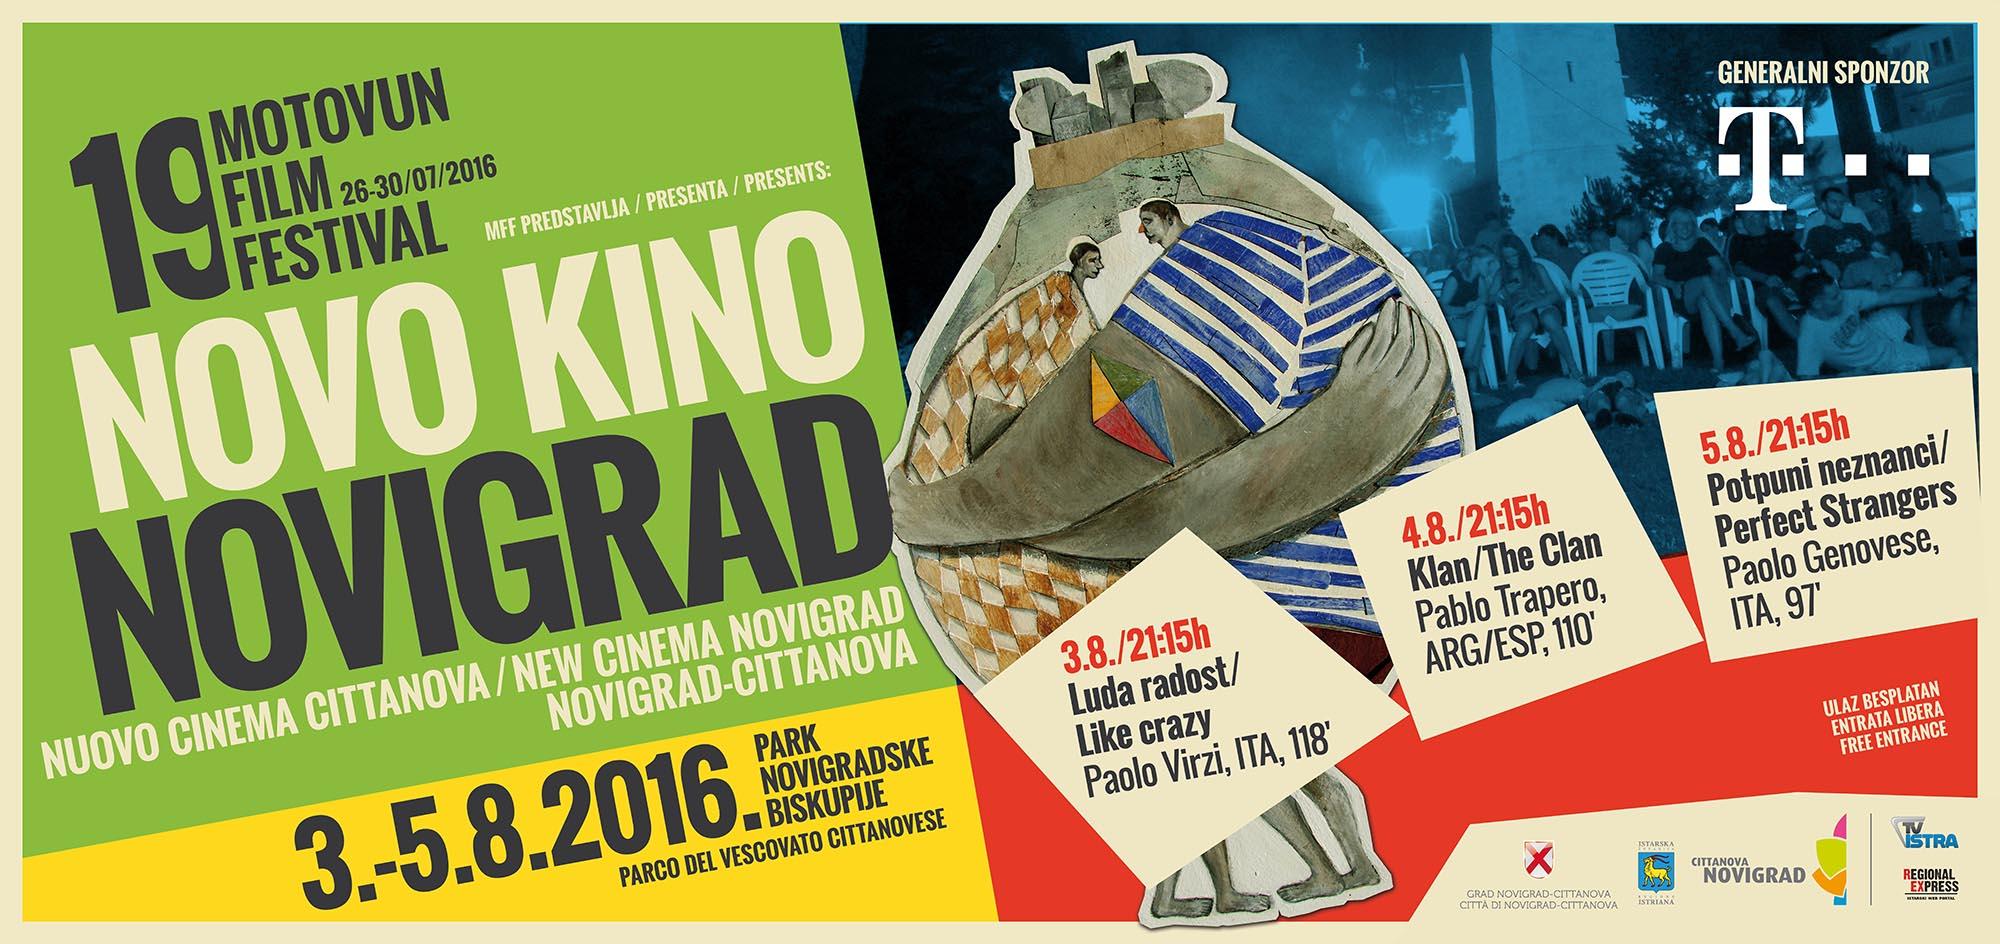 http://www.novigrad.hr/motovun_film_festival_predstavlja_novo_kino_novigrad1